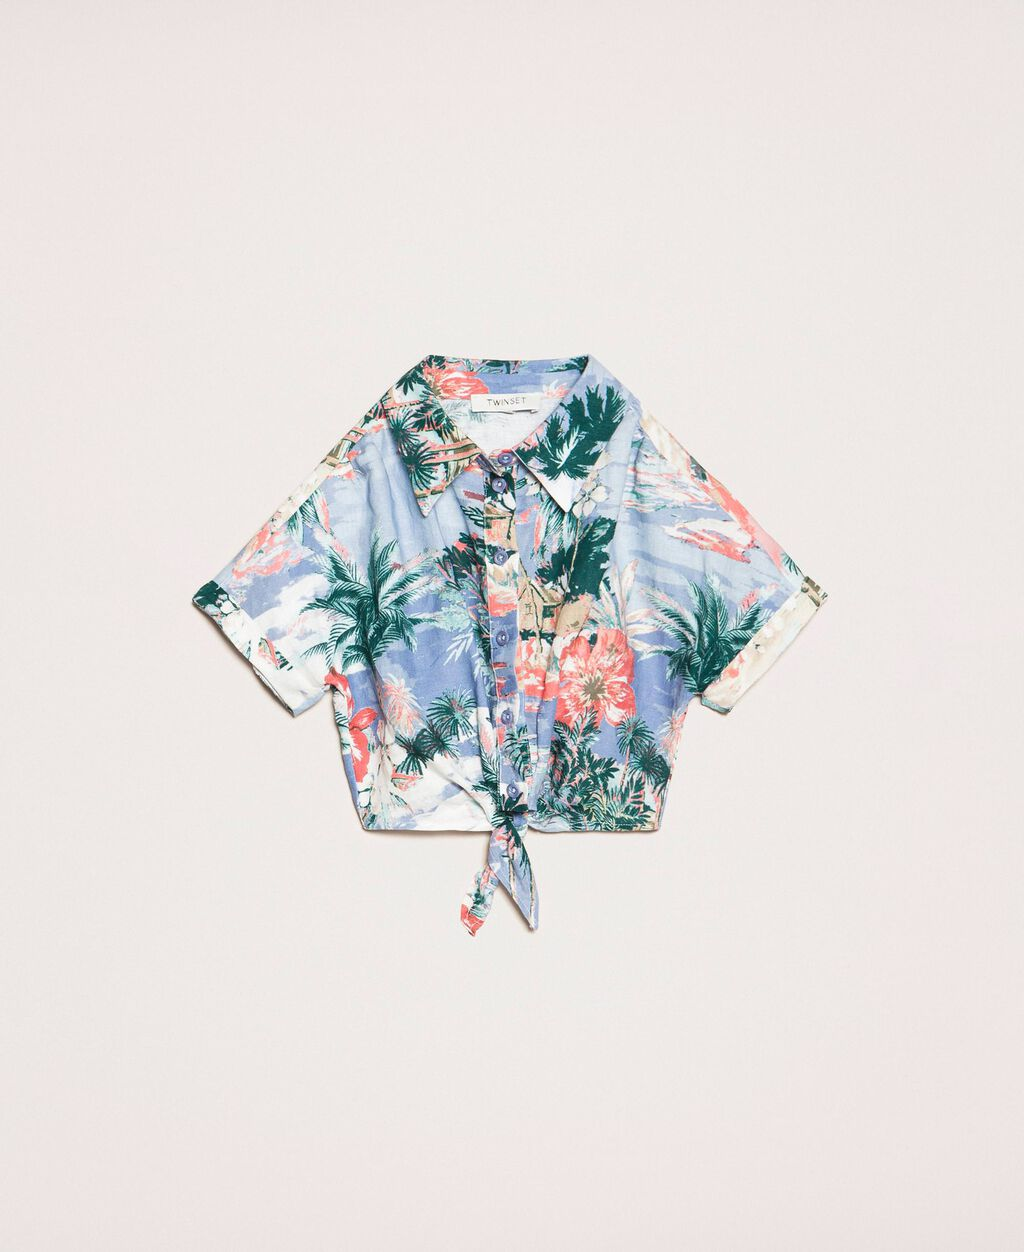 Printed linen blend shirt